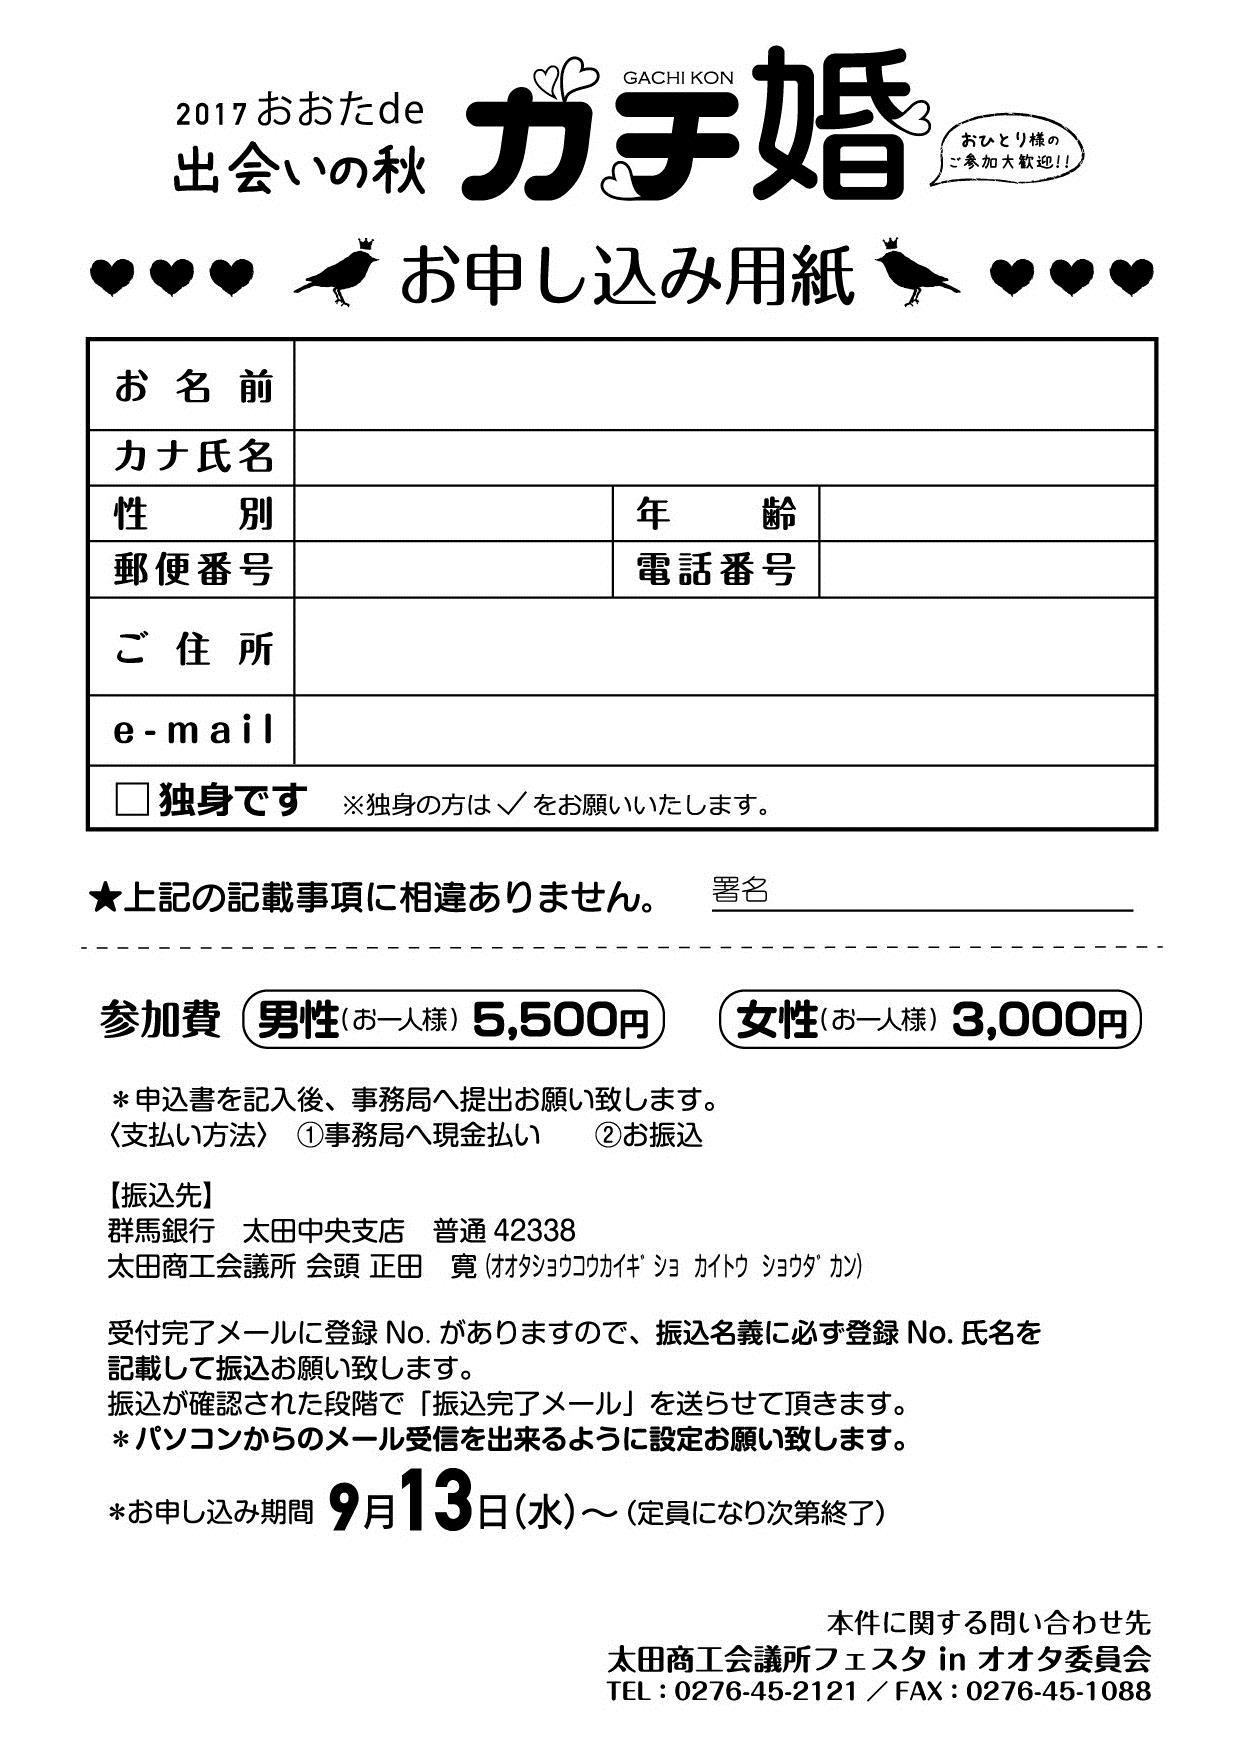 お申込み用紙ダウンロードのイメージ